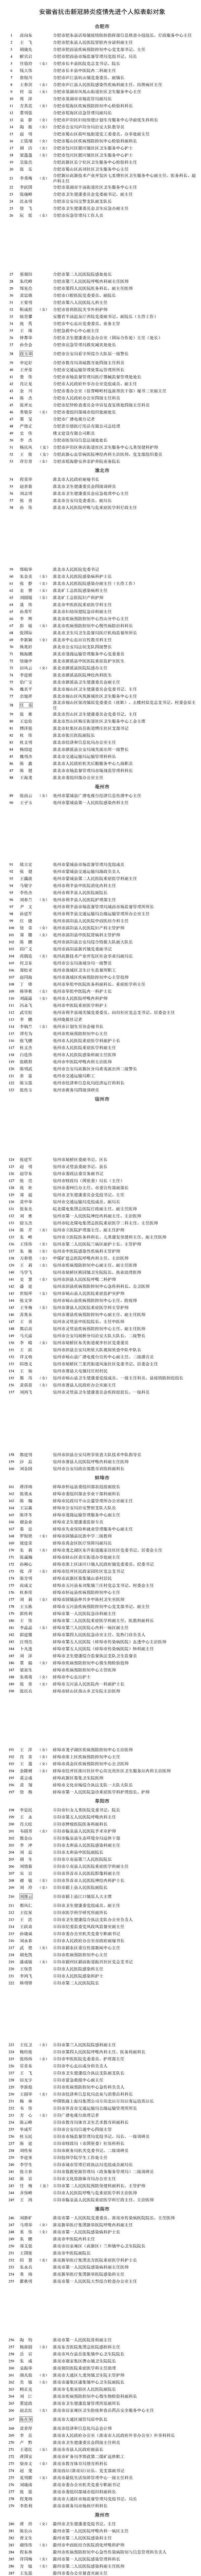 安徽抗击新冠肺炎疫情拟表彰对象公示 共805人309个集体